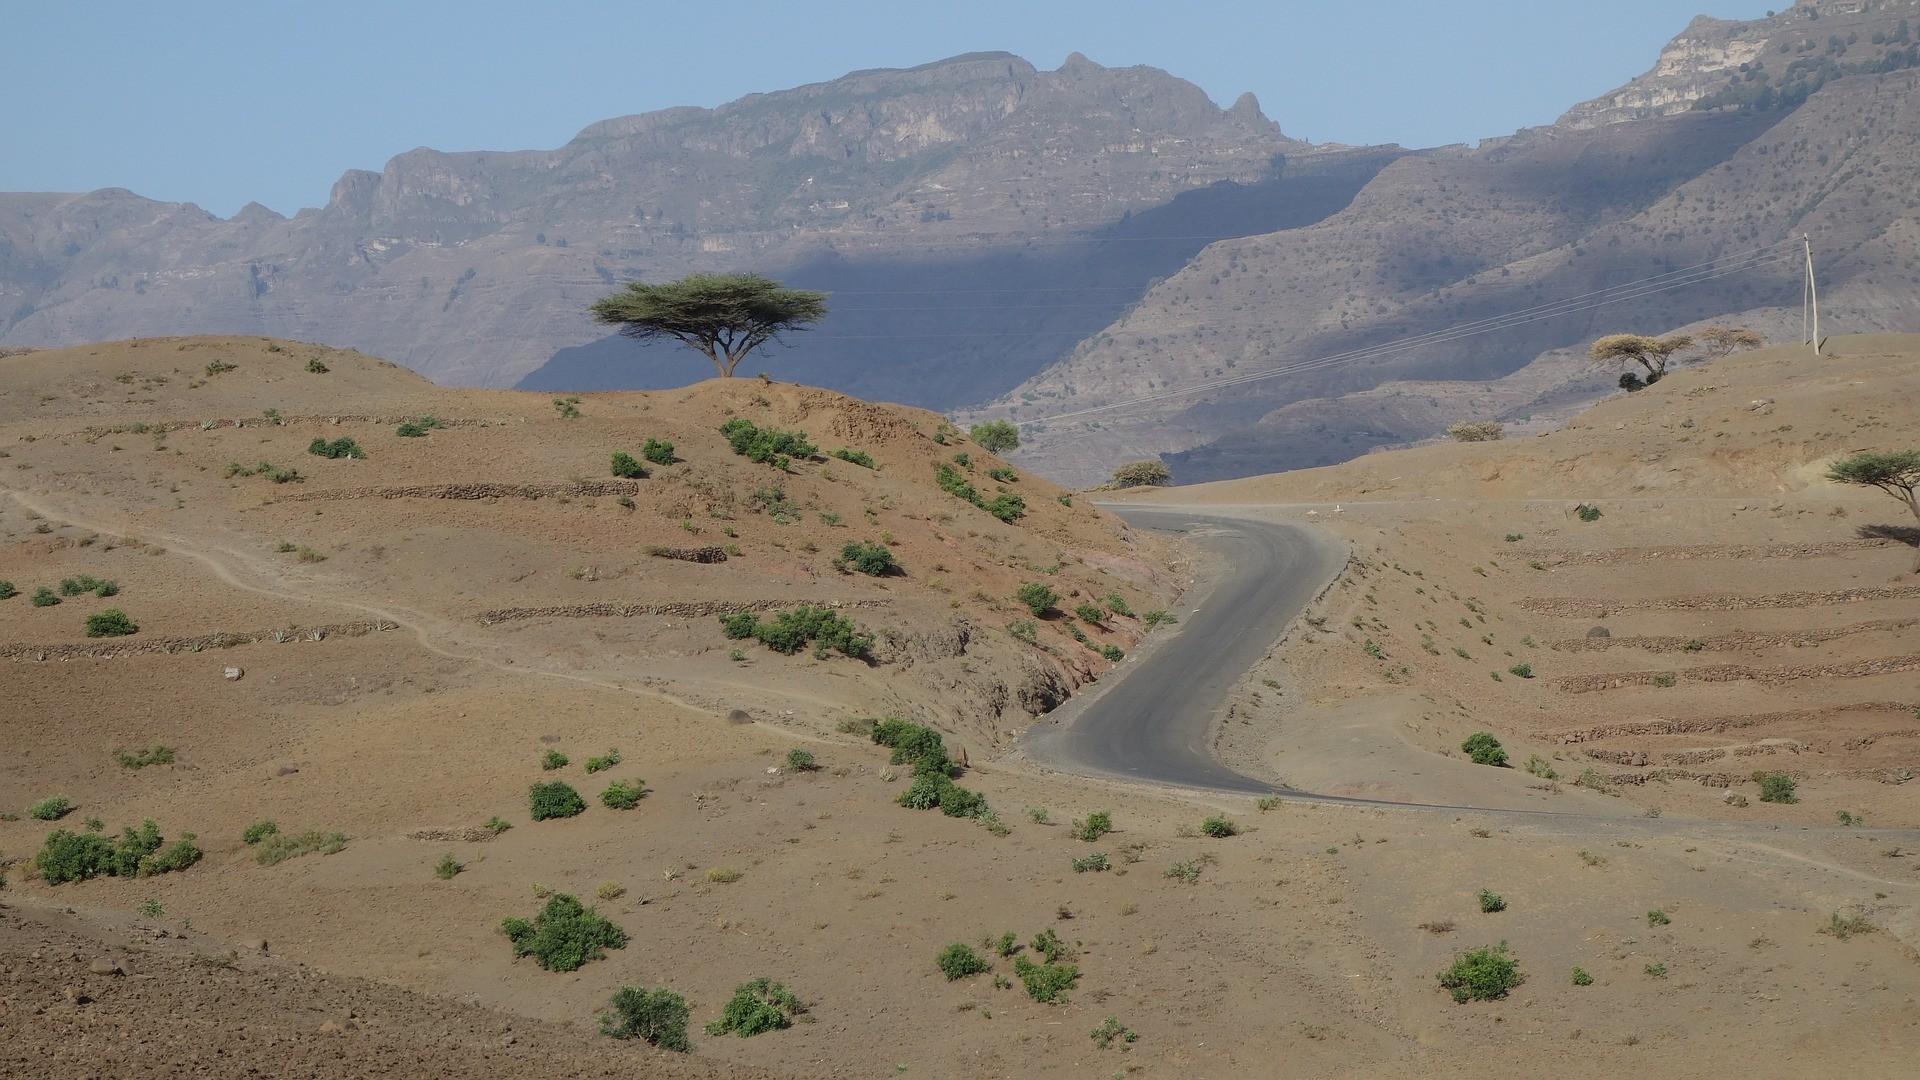 No início dos anos 2000, a Etiópia só tinha 4% de cobertura florestak (Foto: G. Lerz/Pixabay)